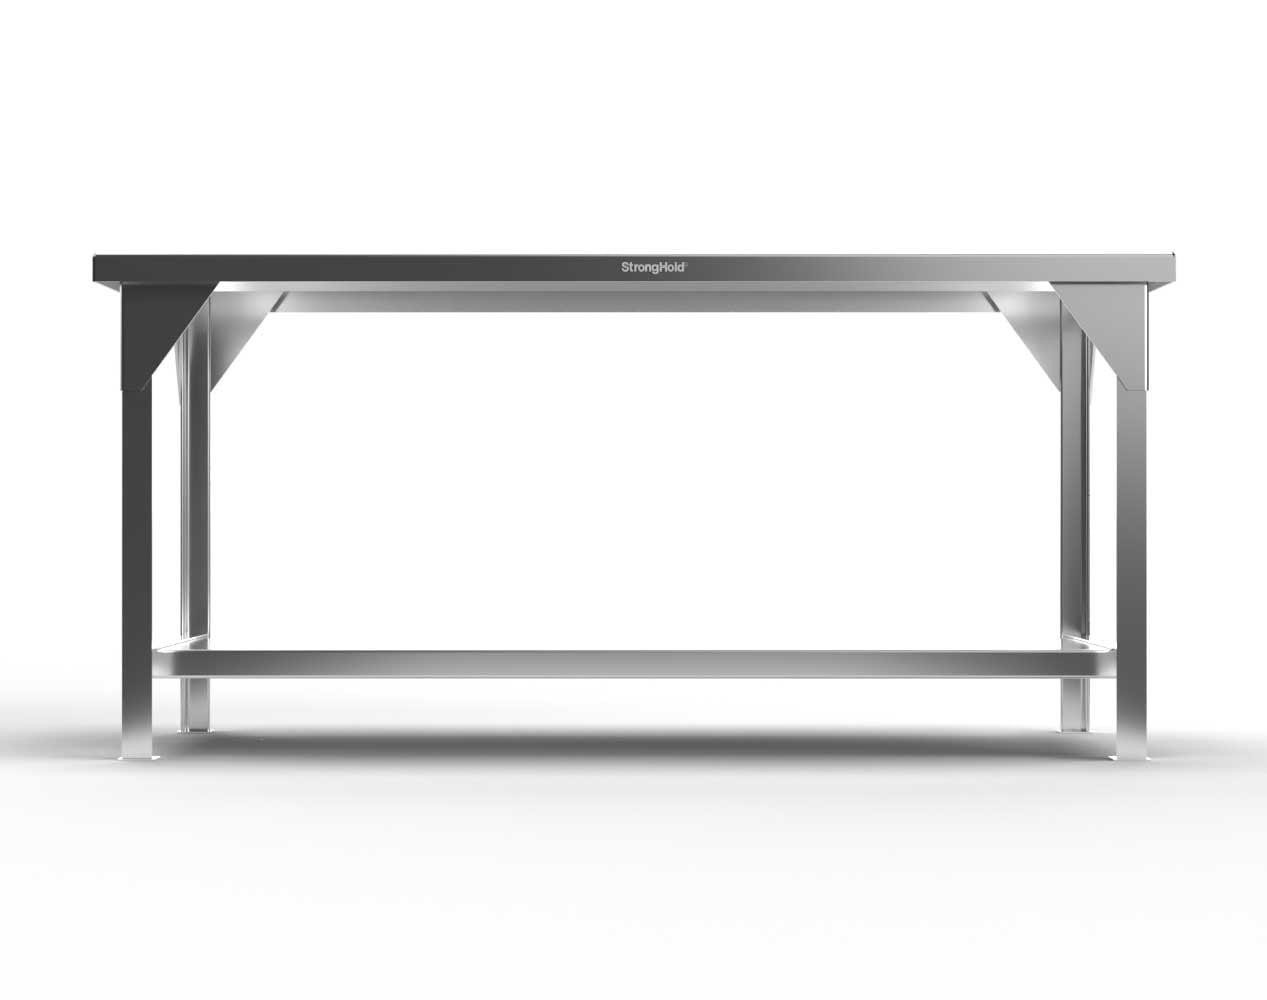 Extra Heavy Duty 7 GA Stainless Steel Shop Table, 1 Shelf – 60 In. W x 36 In. D x 34 In. H